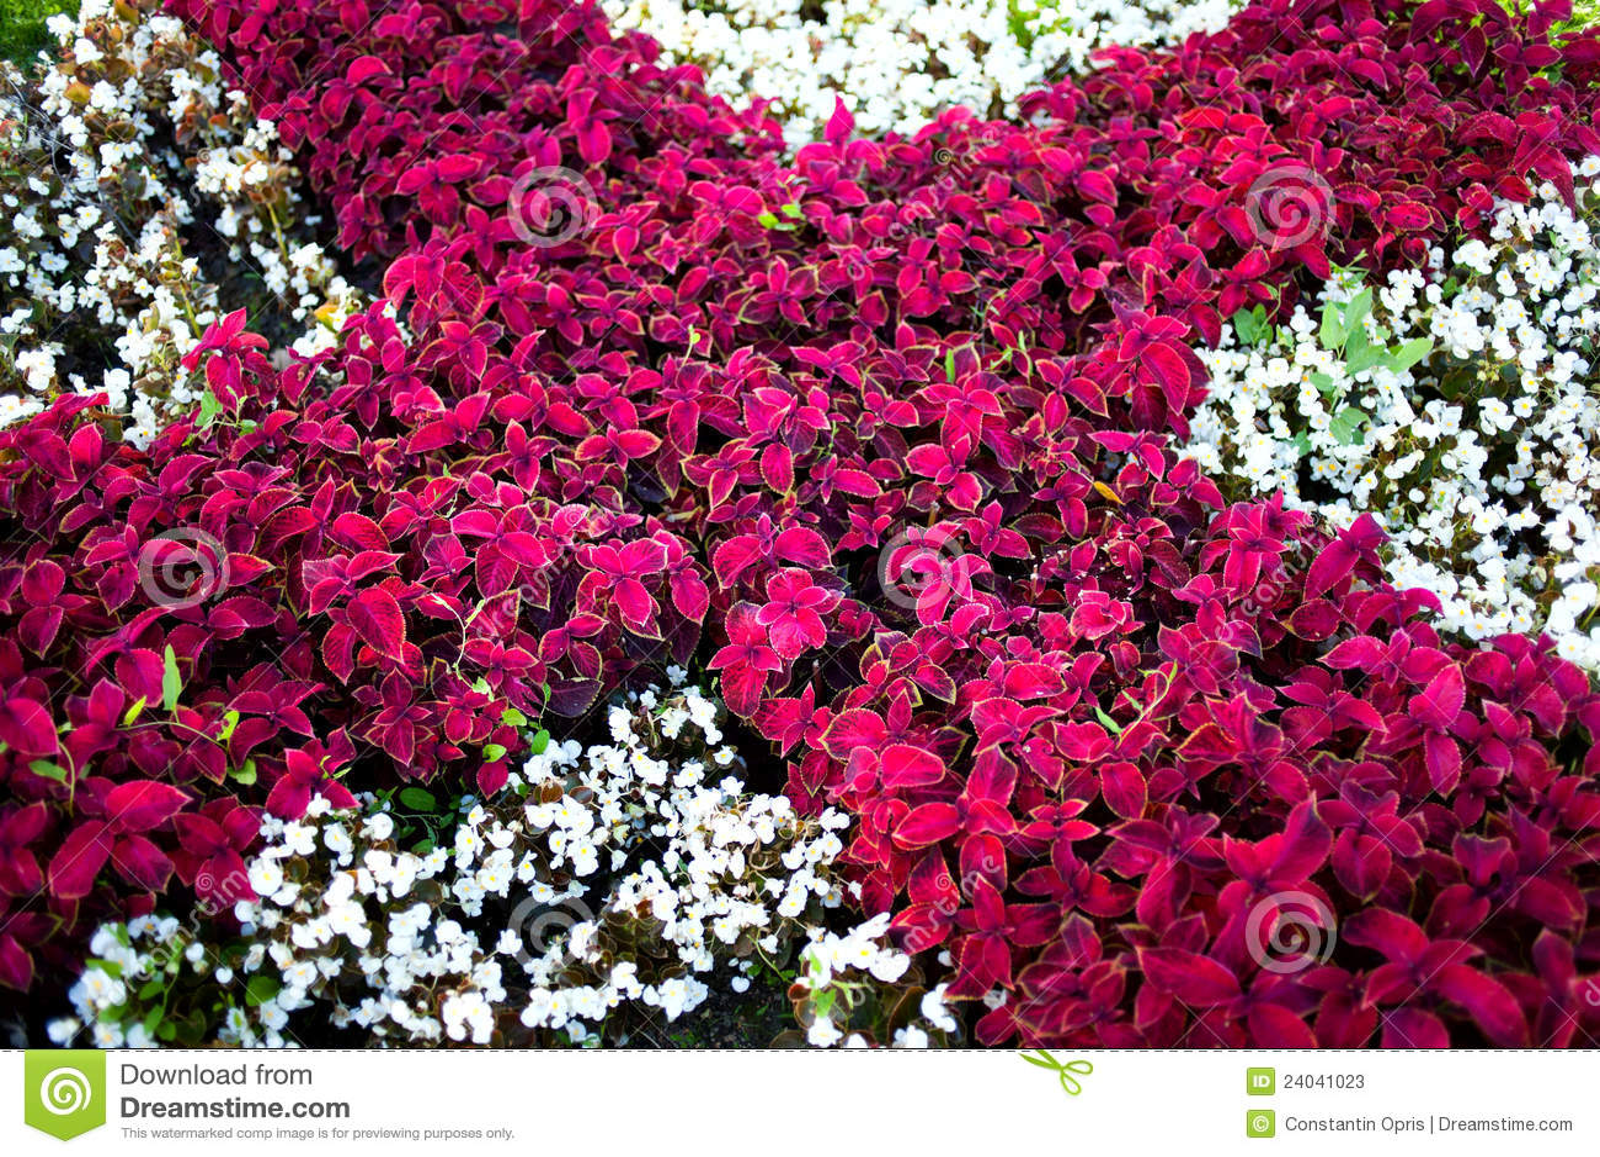 flores de jardim fotos:Jardim De Flores Fotos de Stock – Imagem: 24041023